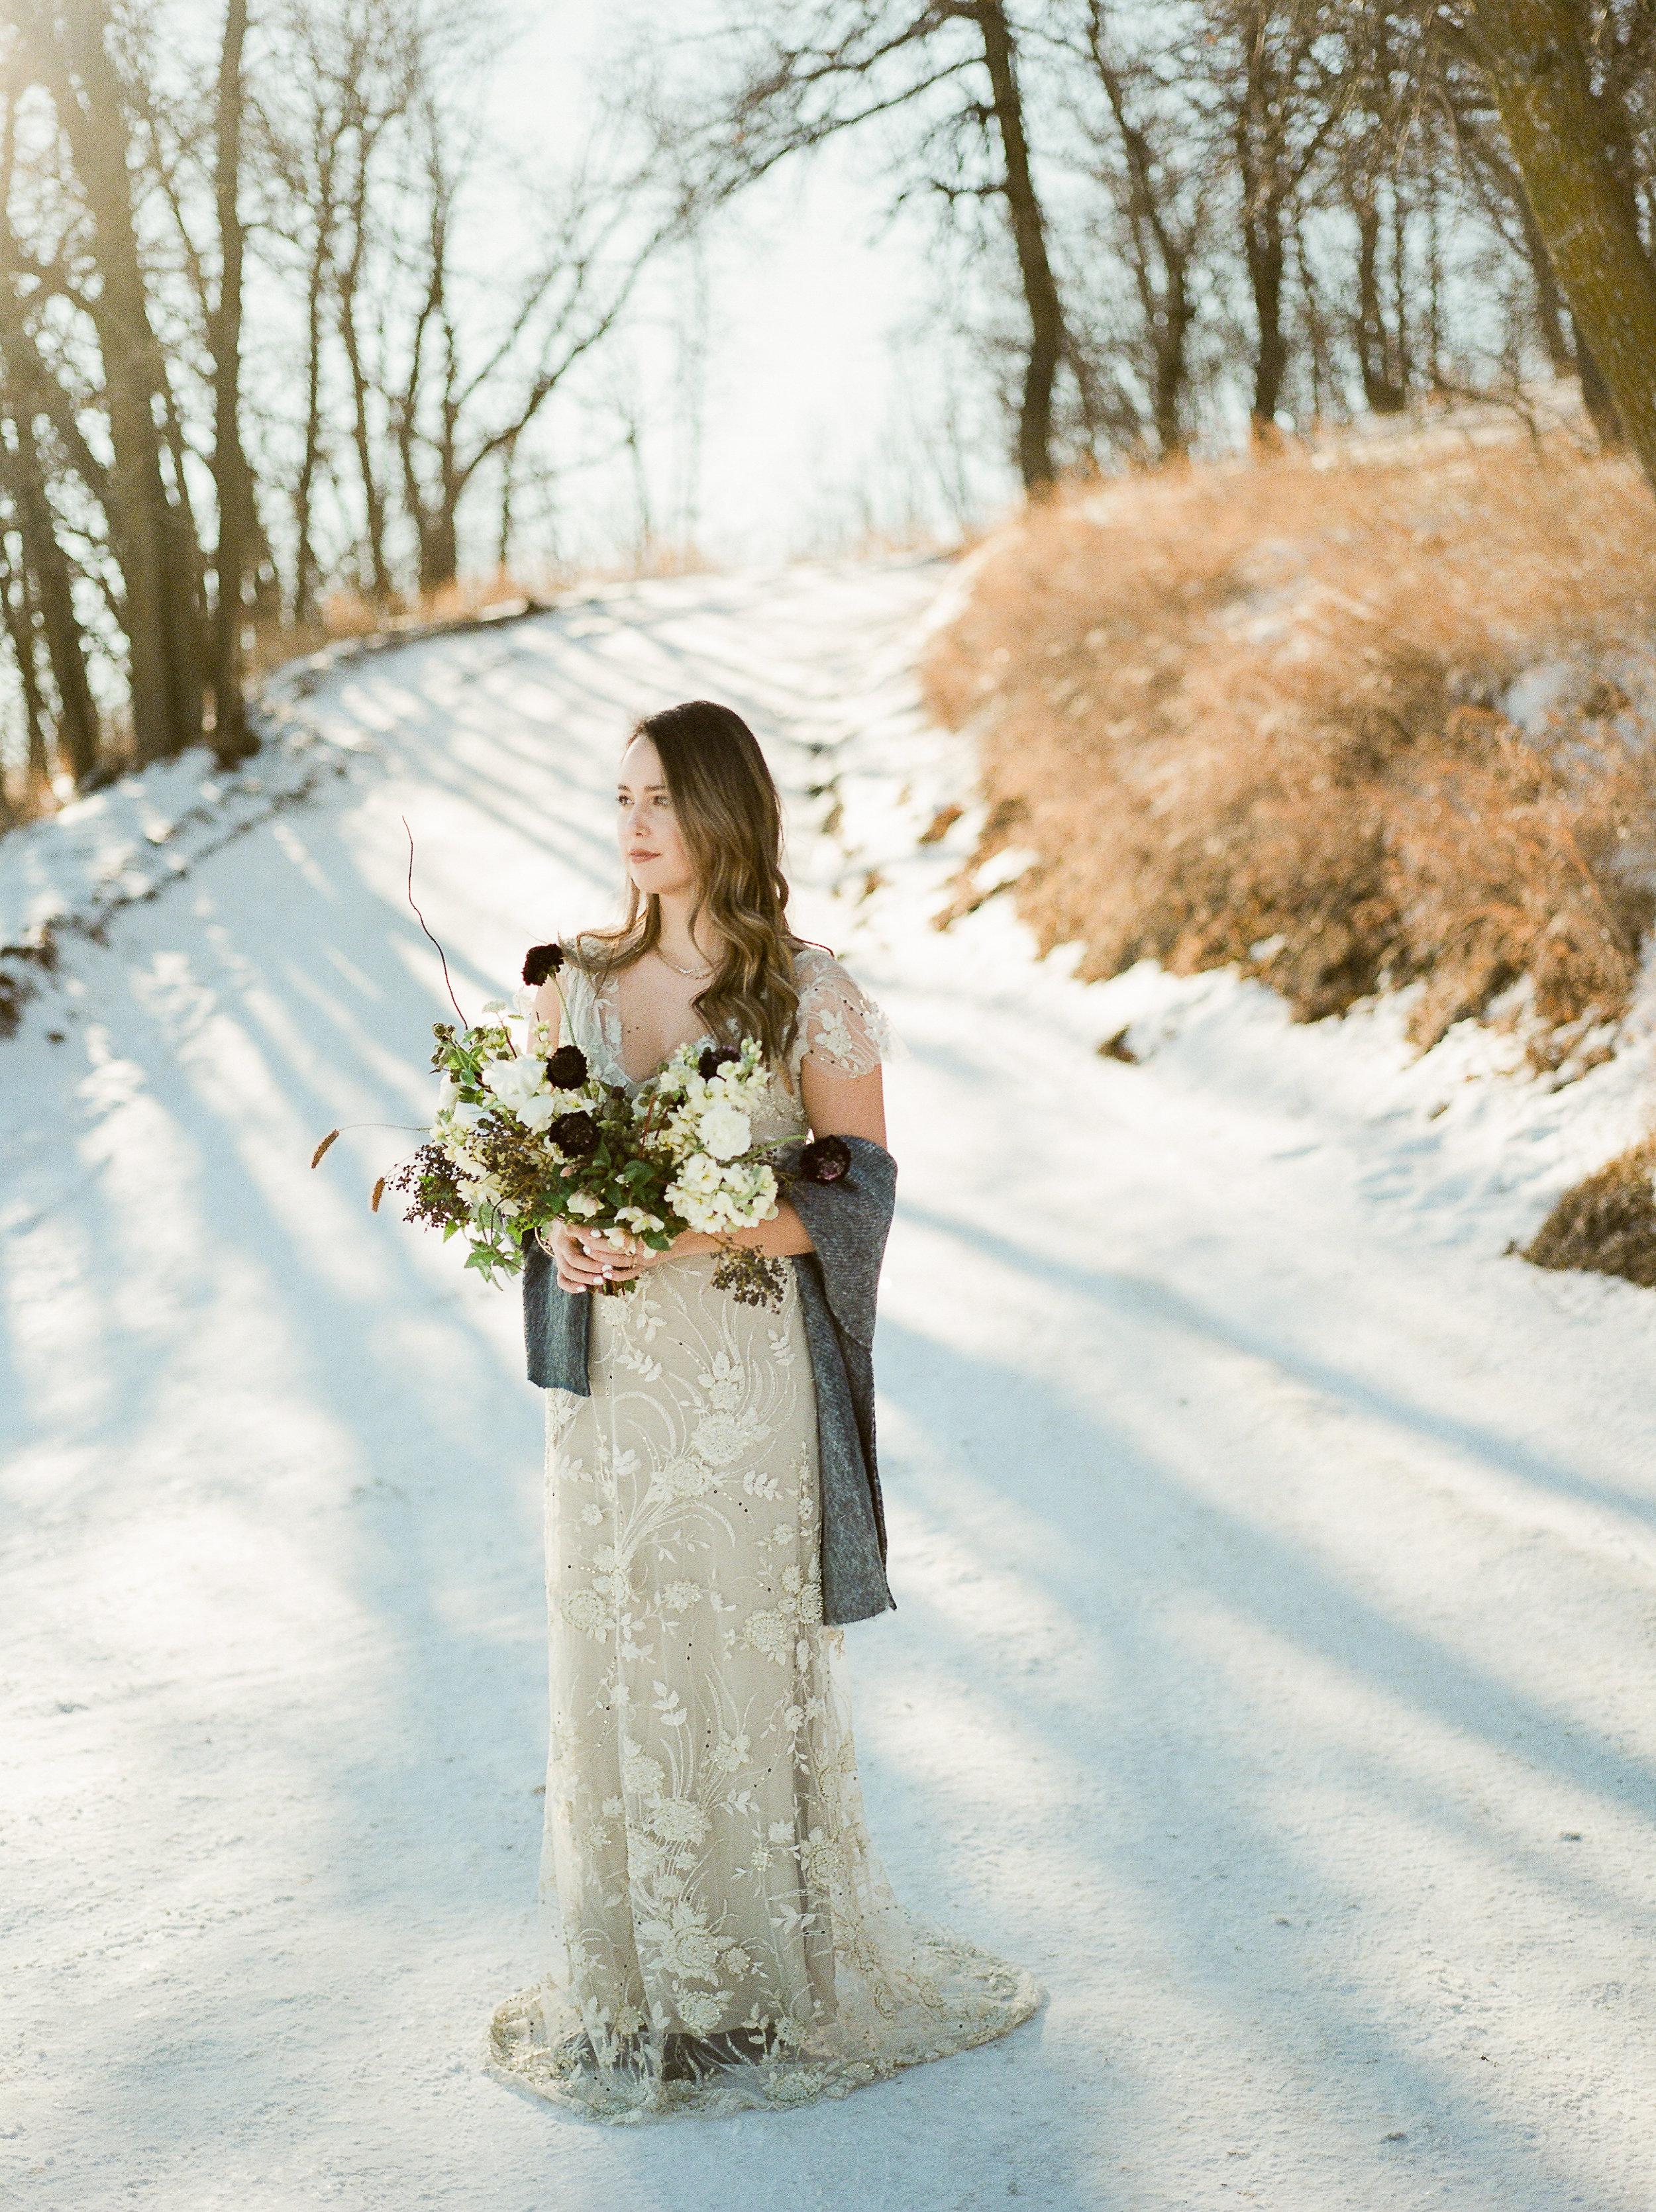 WinterStyledShoot-KMP015.JPG